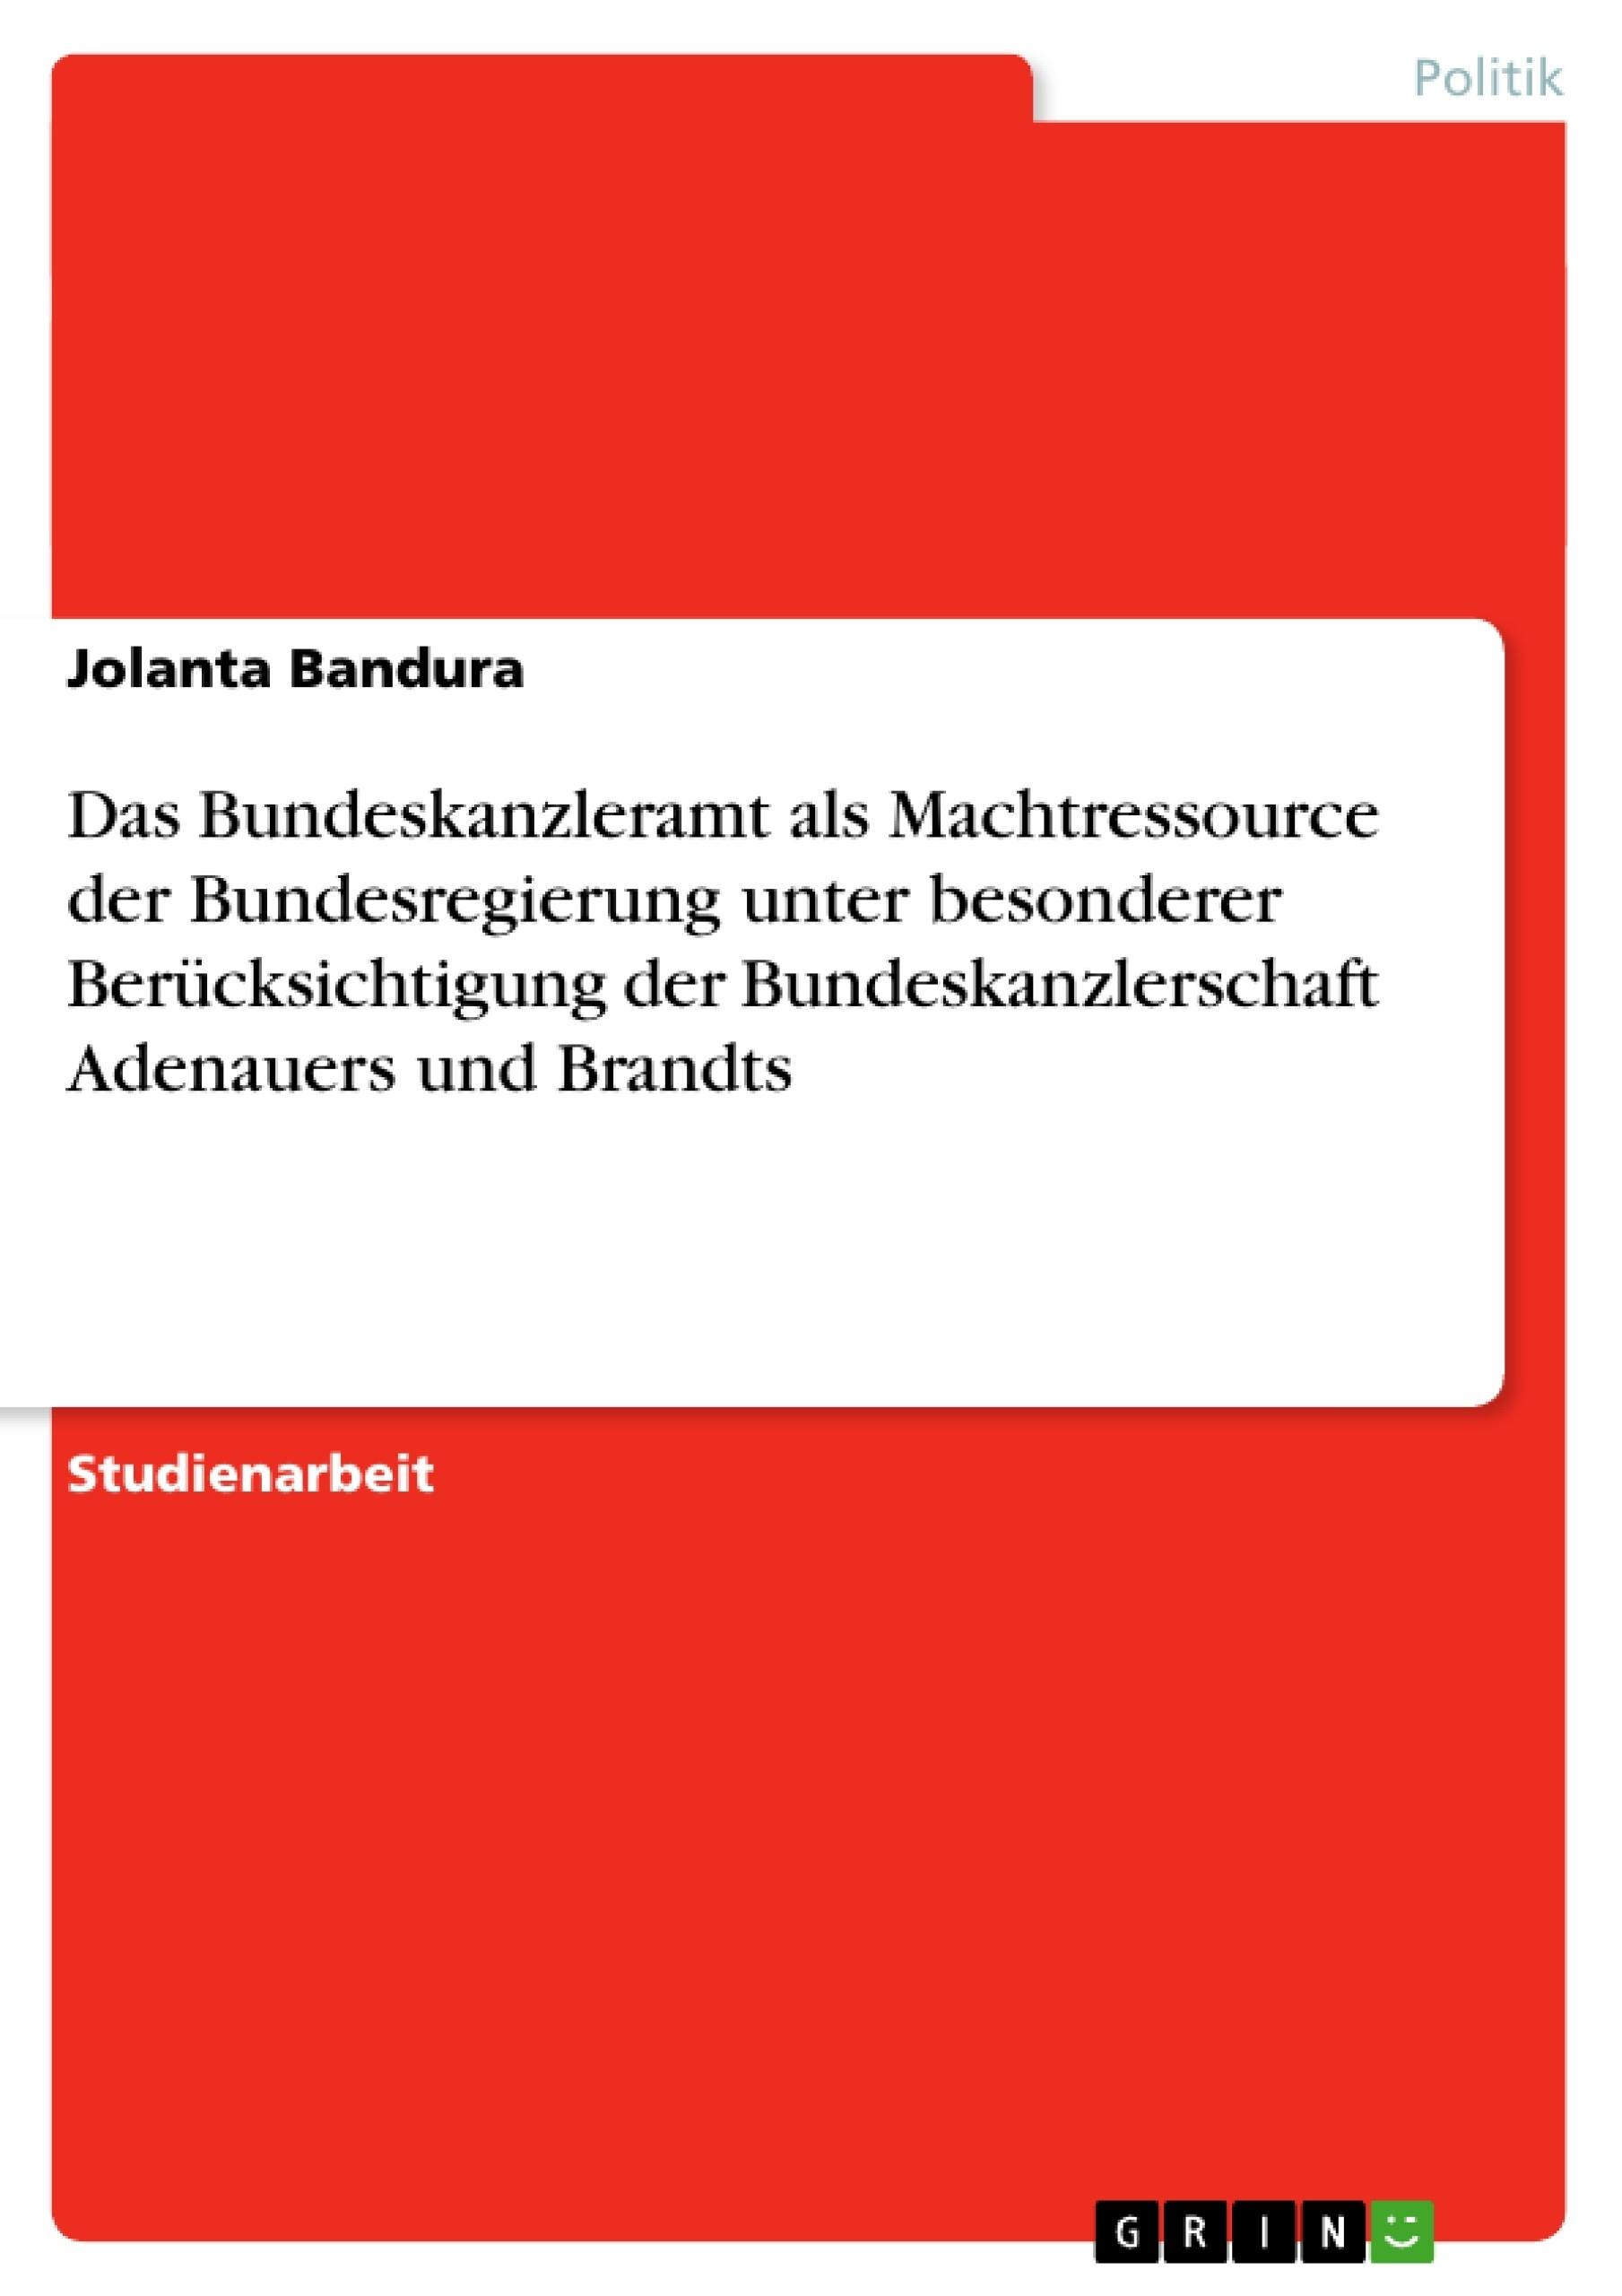 Titel: Das Bundeskanzleramt als Machtressource der Bundesregierung unter besonderer Berücksichtigung der Bundeskanzlerschaft Adenauers und Brandts